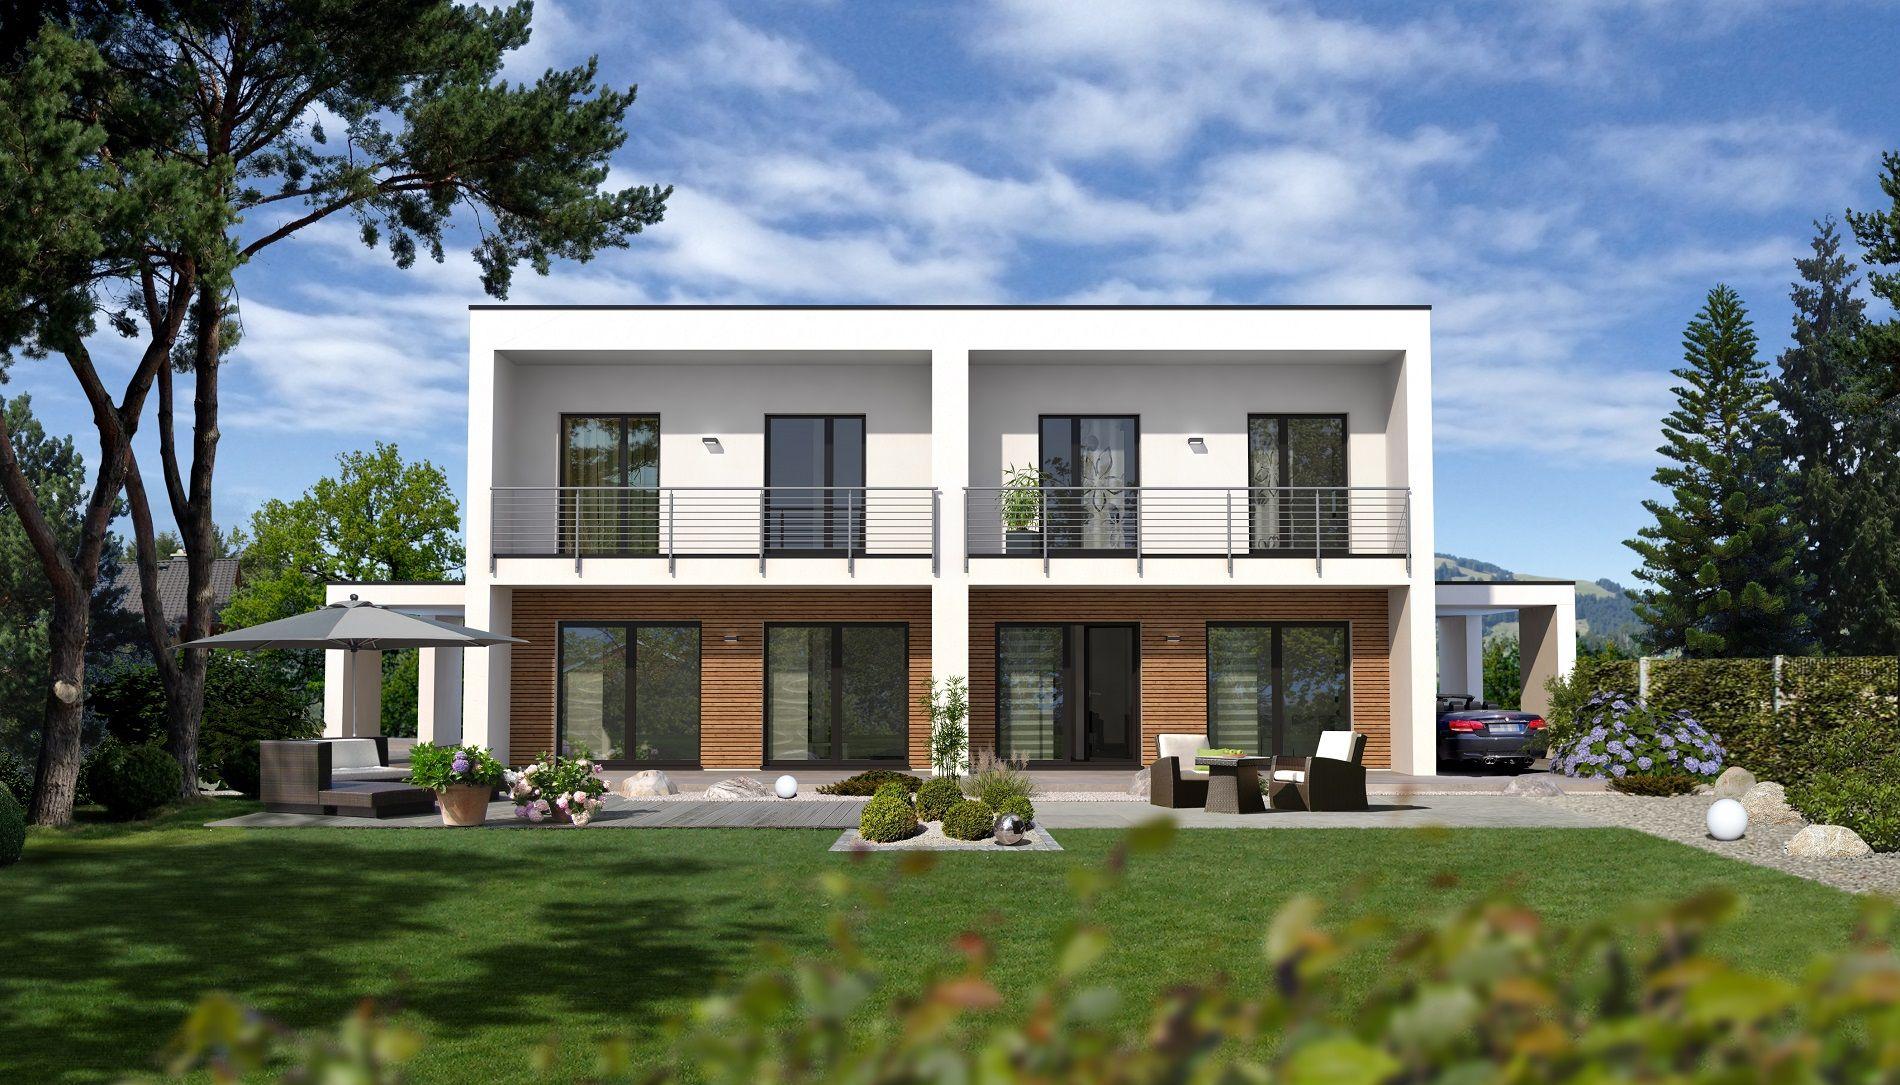 16+ Doppelhaus auf einem grundstueck Trends